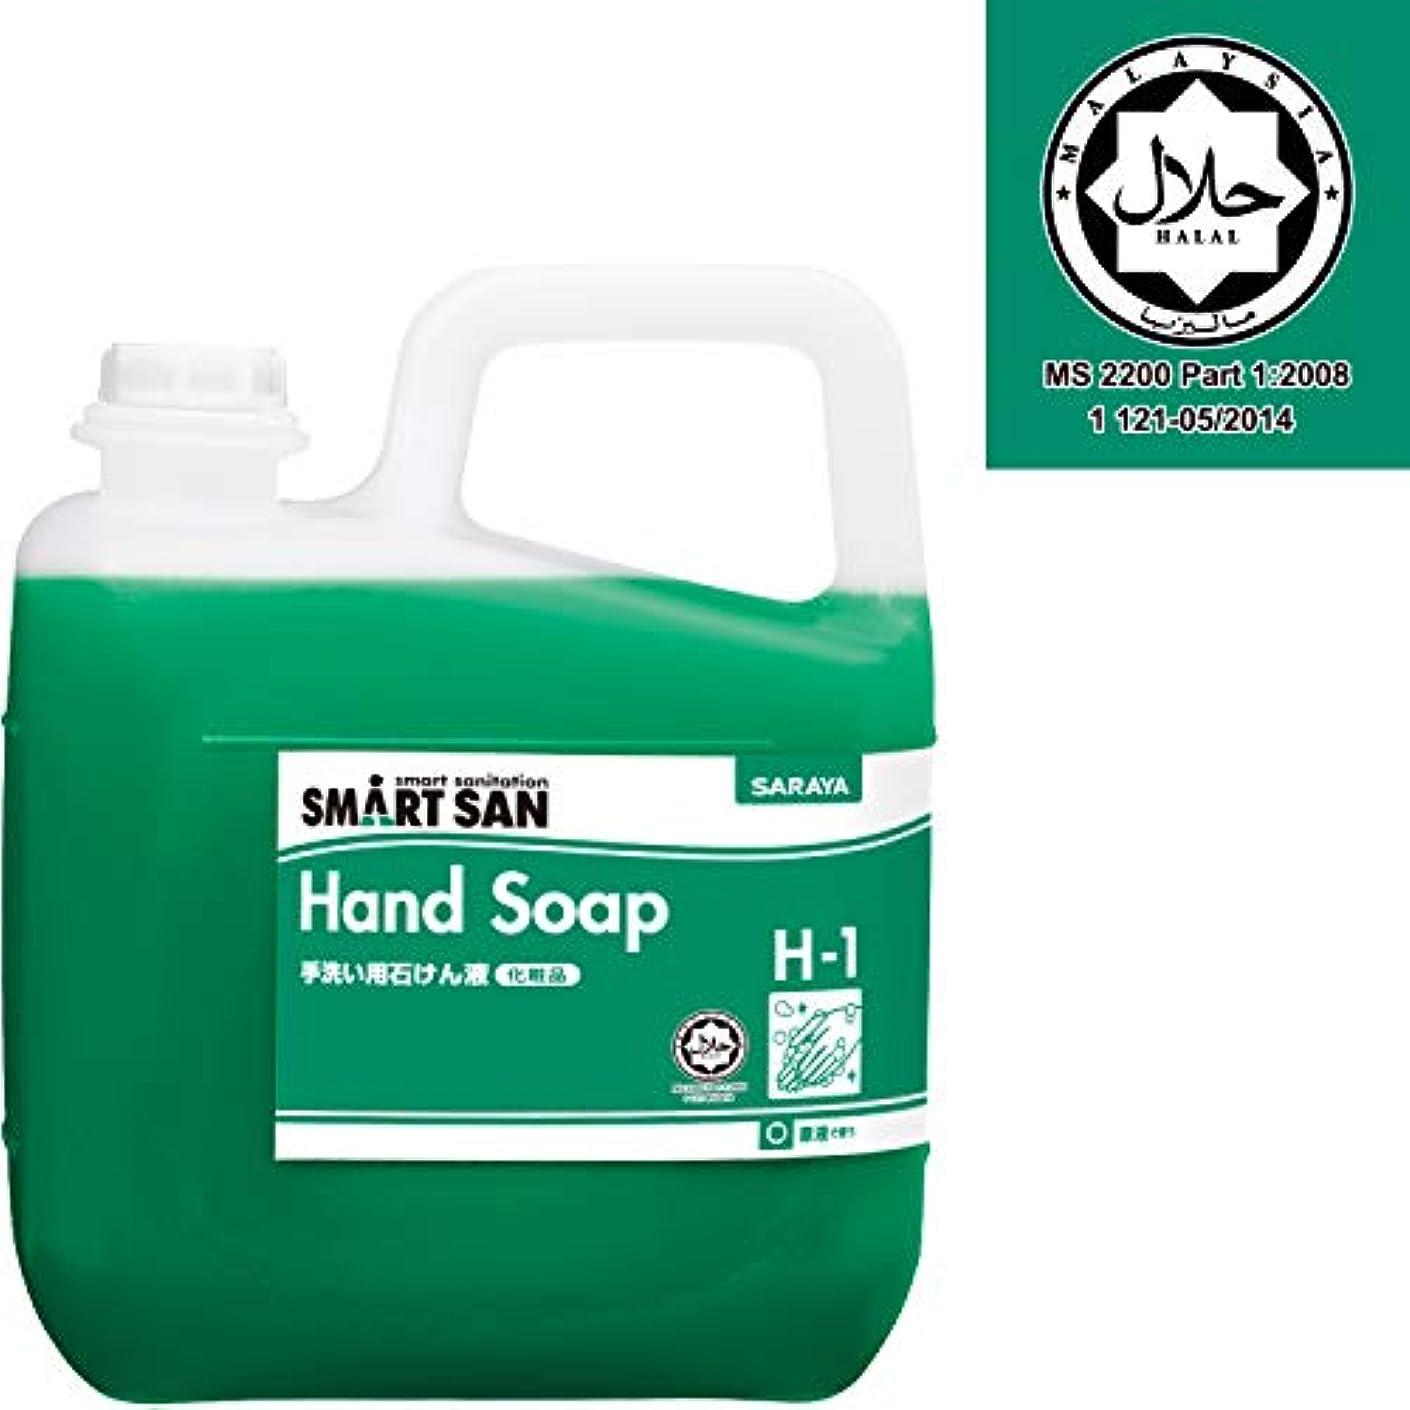 アフリカ人専門知識呪いサラヤ 手洗い用石けん液 【H-1】5kg 無香料 詰替え用ノズル付き ハラール 認証